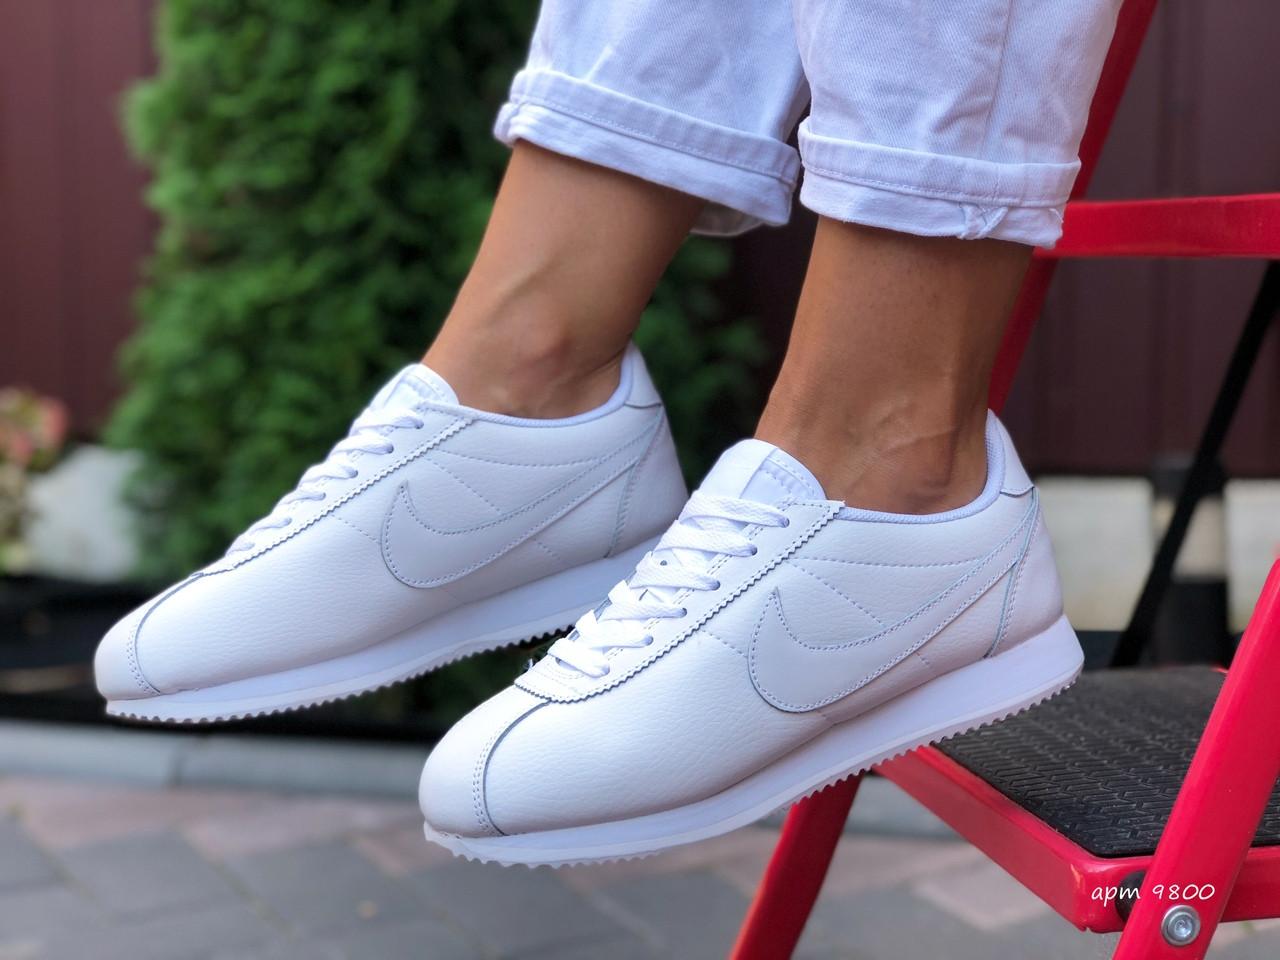 Nike женские демисезонные белые кроссовки на шнурках